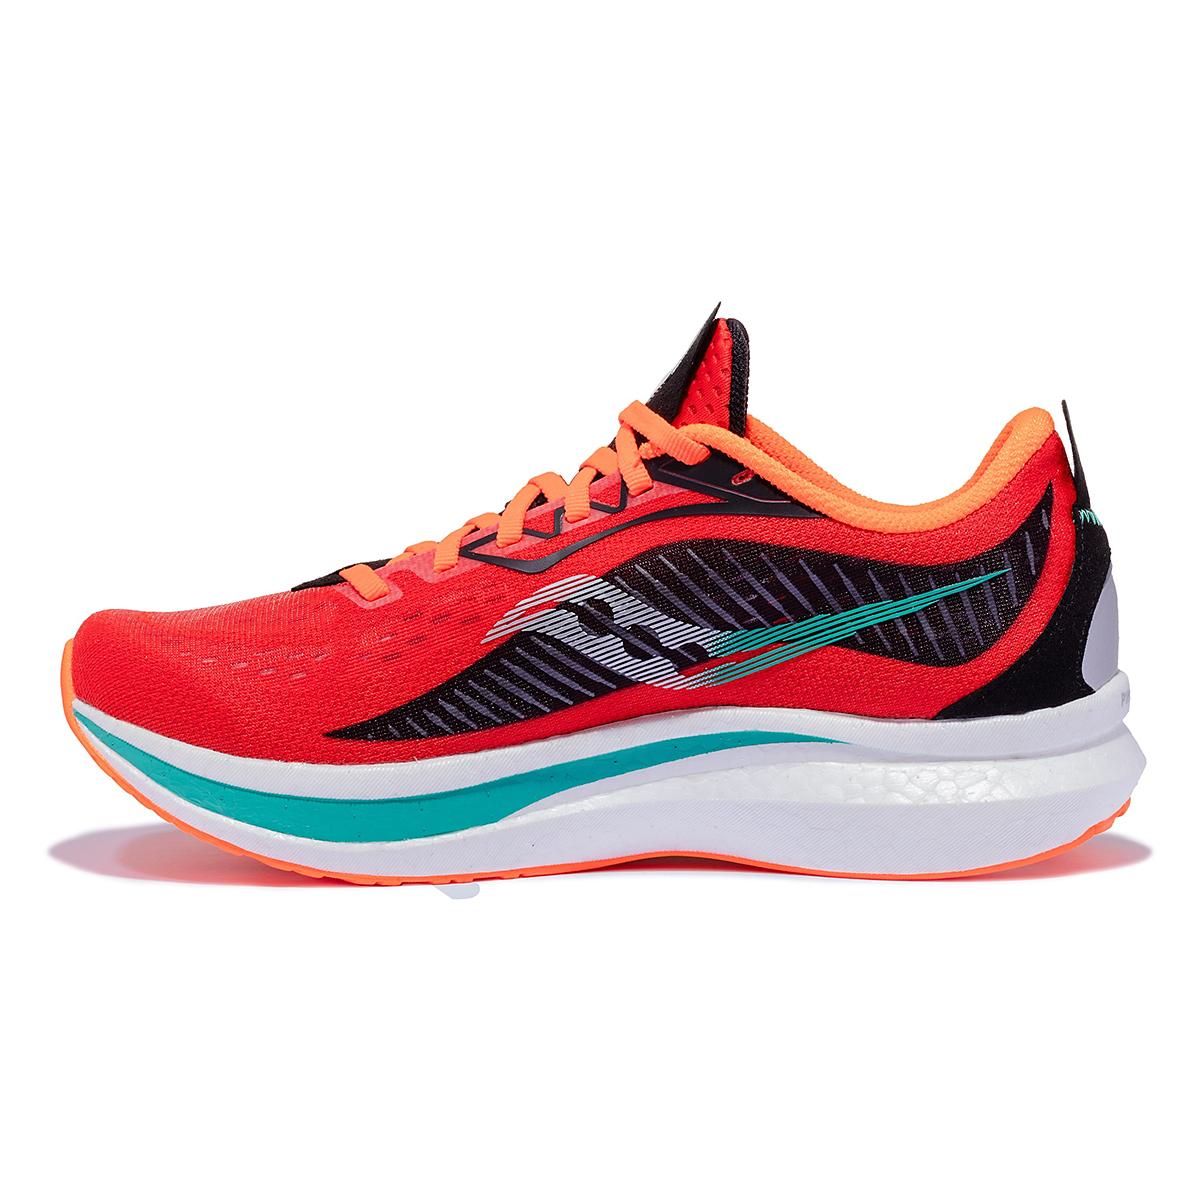 Men's Saucony Endorphin Speed 2 Running Shoe - Color: Scarlet / Black - Size: 7 - Width: Regular, Scarlet / Black, large, image 2